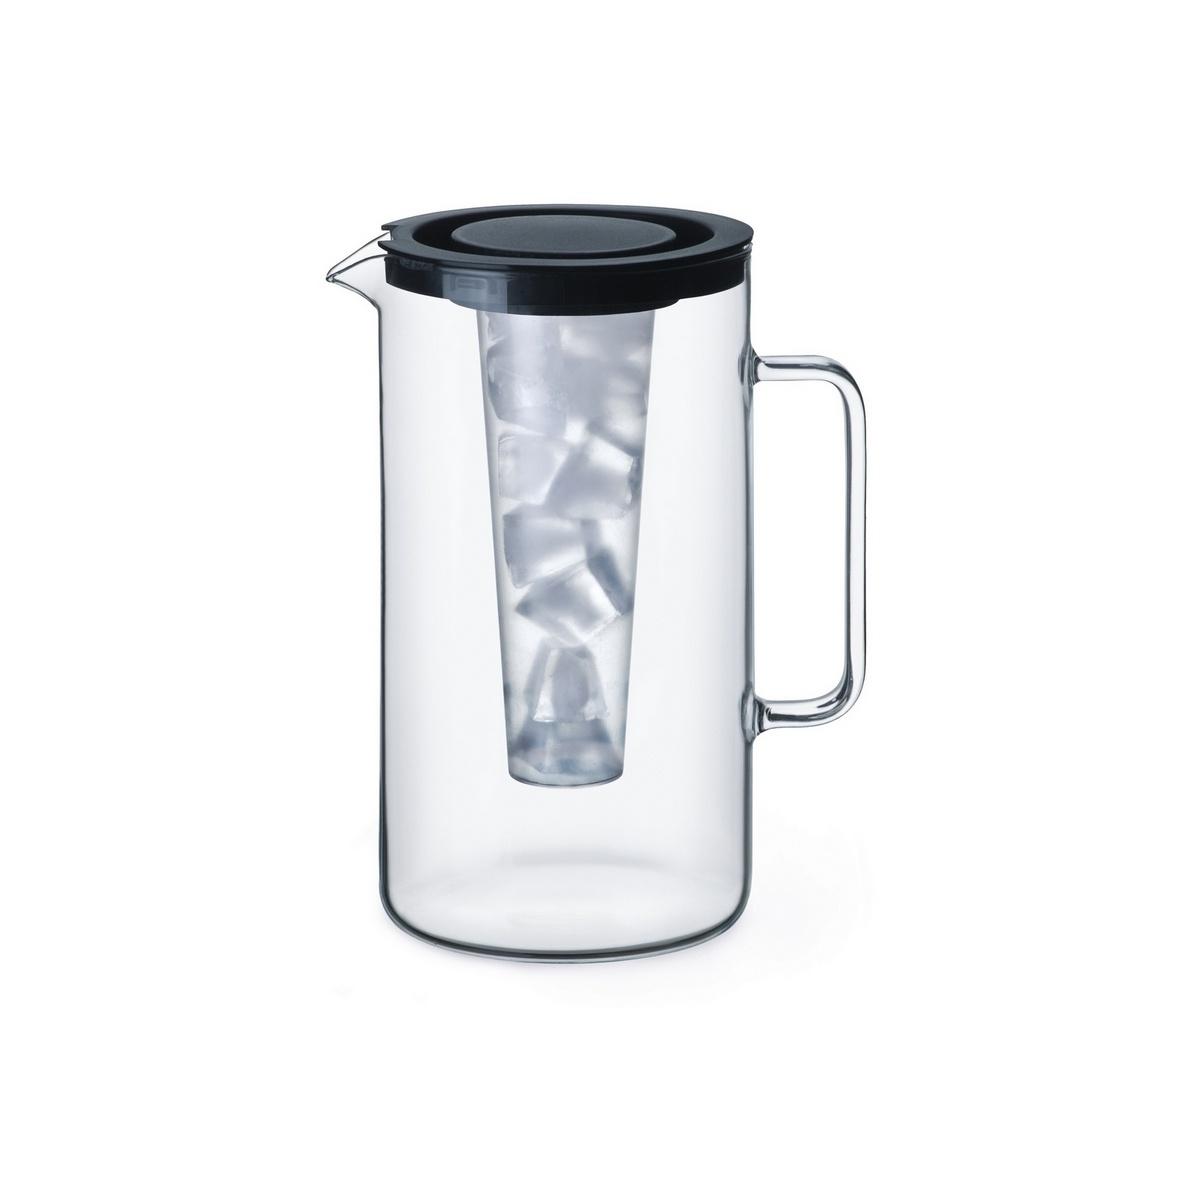 Simax Sklenený džbán s vložkou, 2,5 l